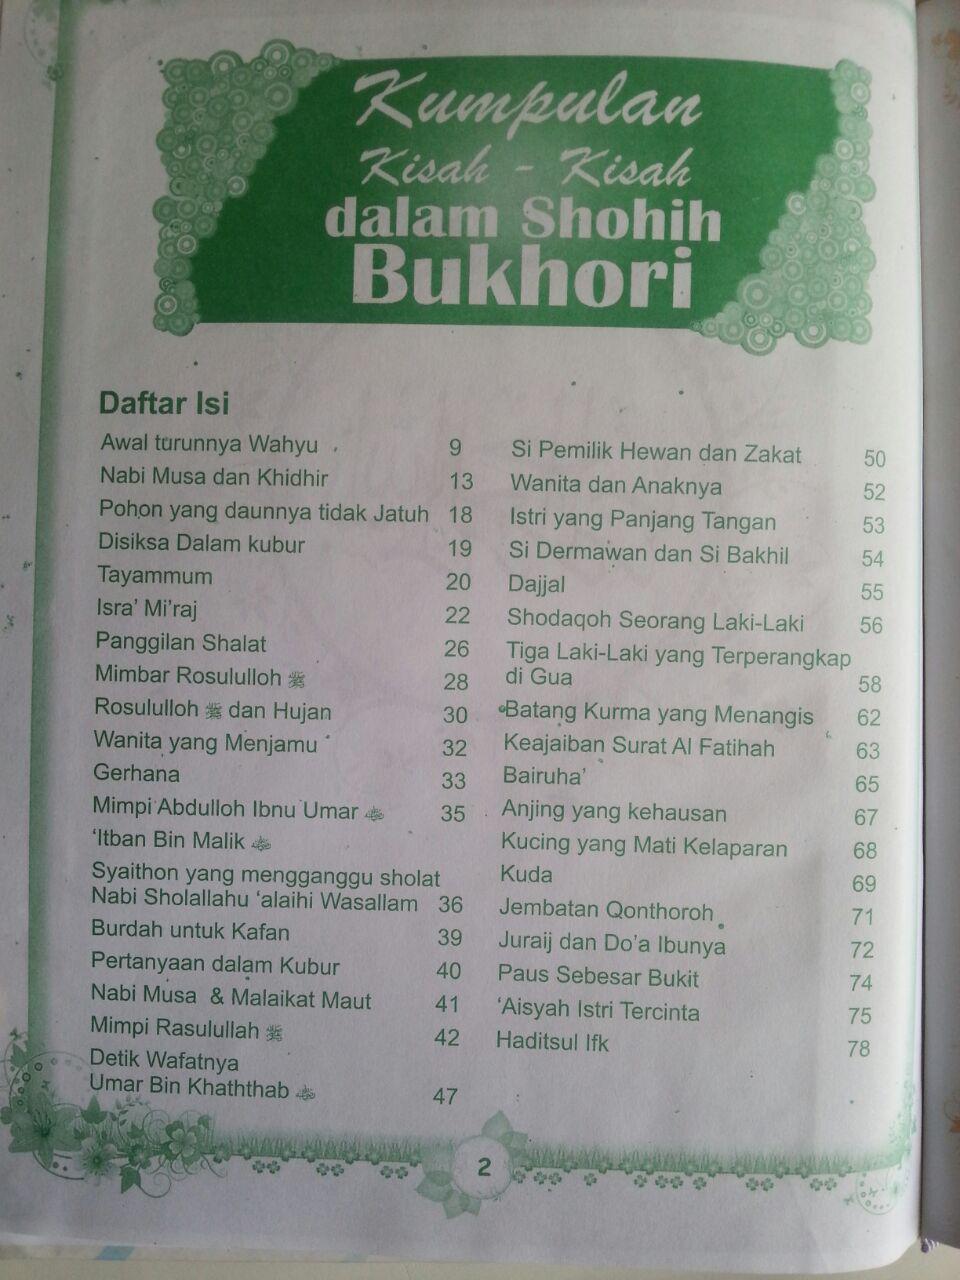 Buku Kumpulan Kisah Dalam Shohih Bukhori isi 2